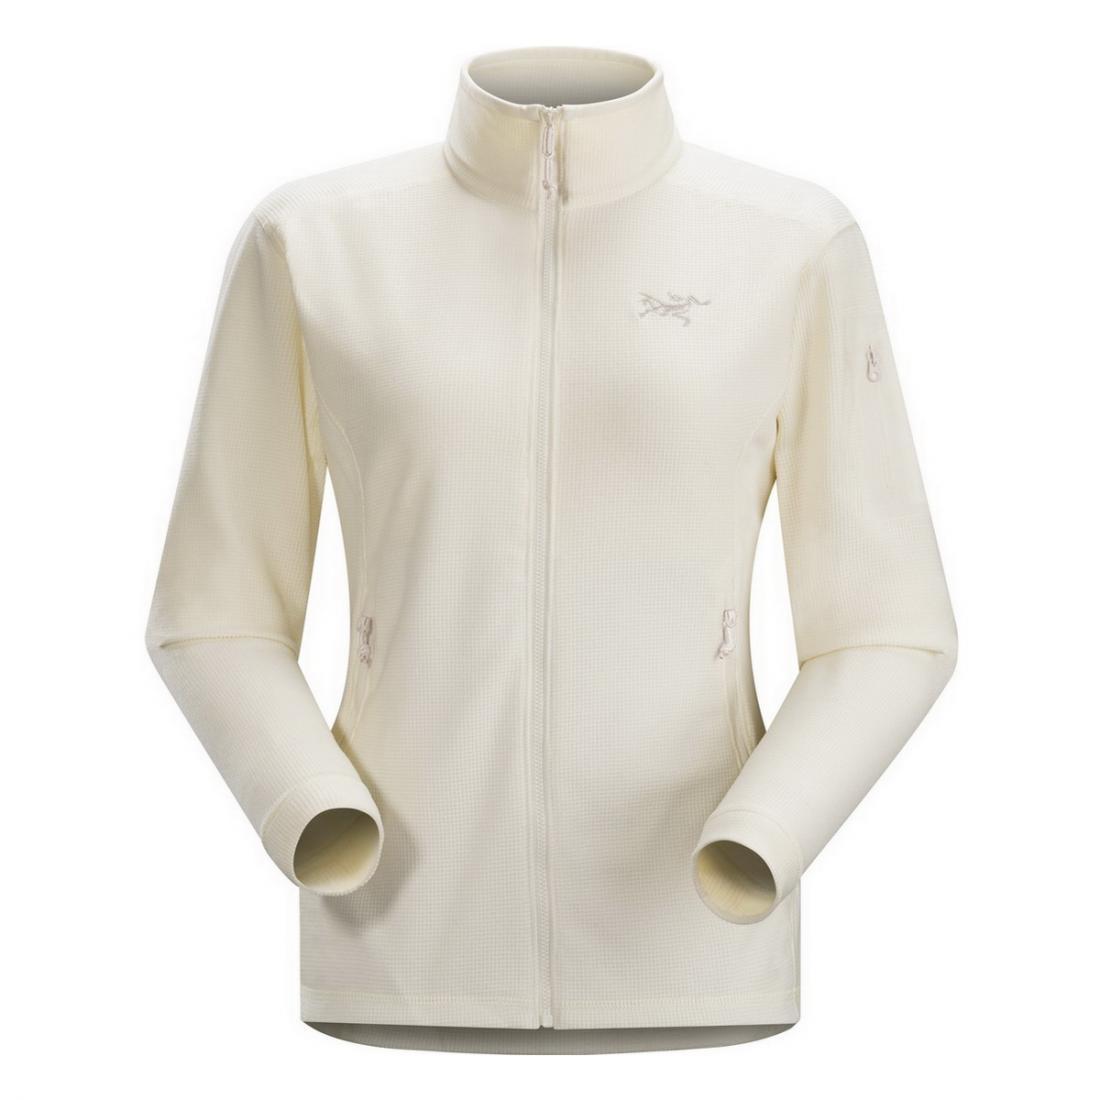 Куртка Delta LT жен.Пуловеры<br><br><br><br> Женская курткаArcteryx Delta LT Jacket Womens может использоваться в межсезонье и зимой как самостоятельно, так и в качестве дополнительного у...<br><br>Цвет: Белый<br>Размер: M